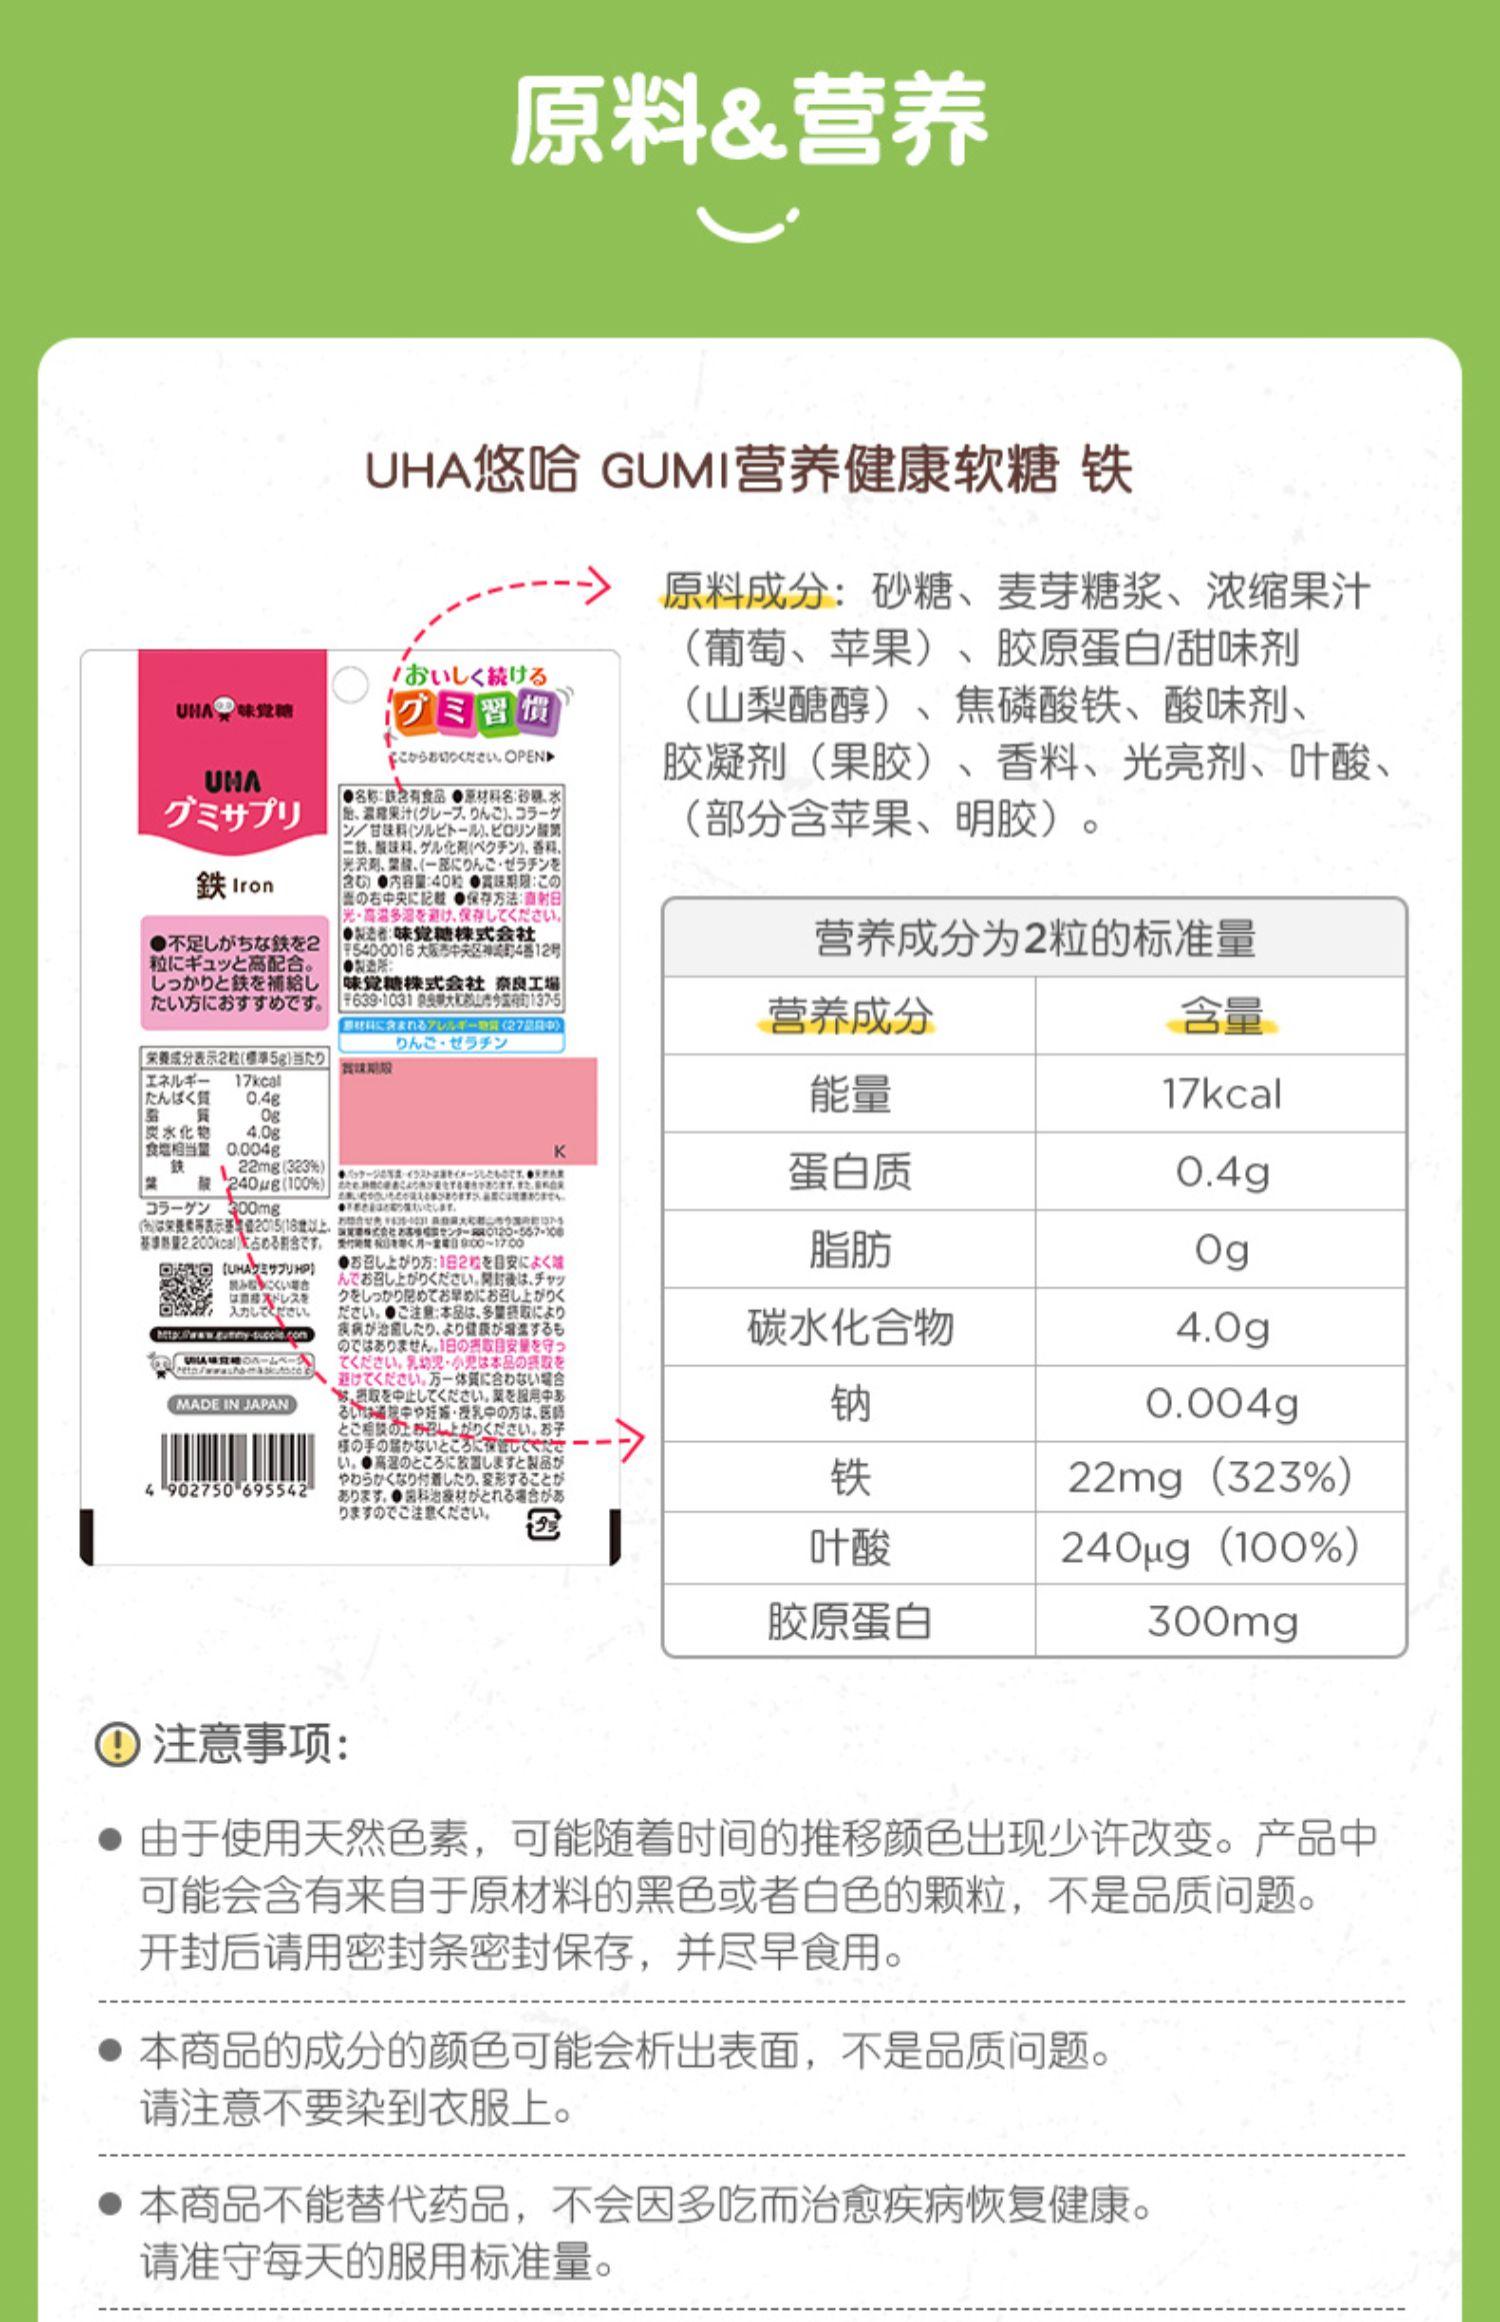 【悠哈】进口营养补铁水果软糖40粒*3袋10